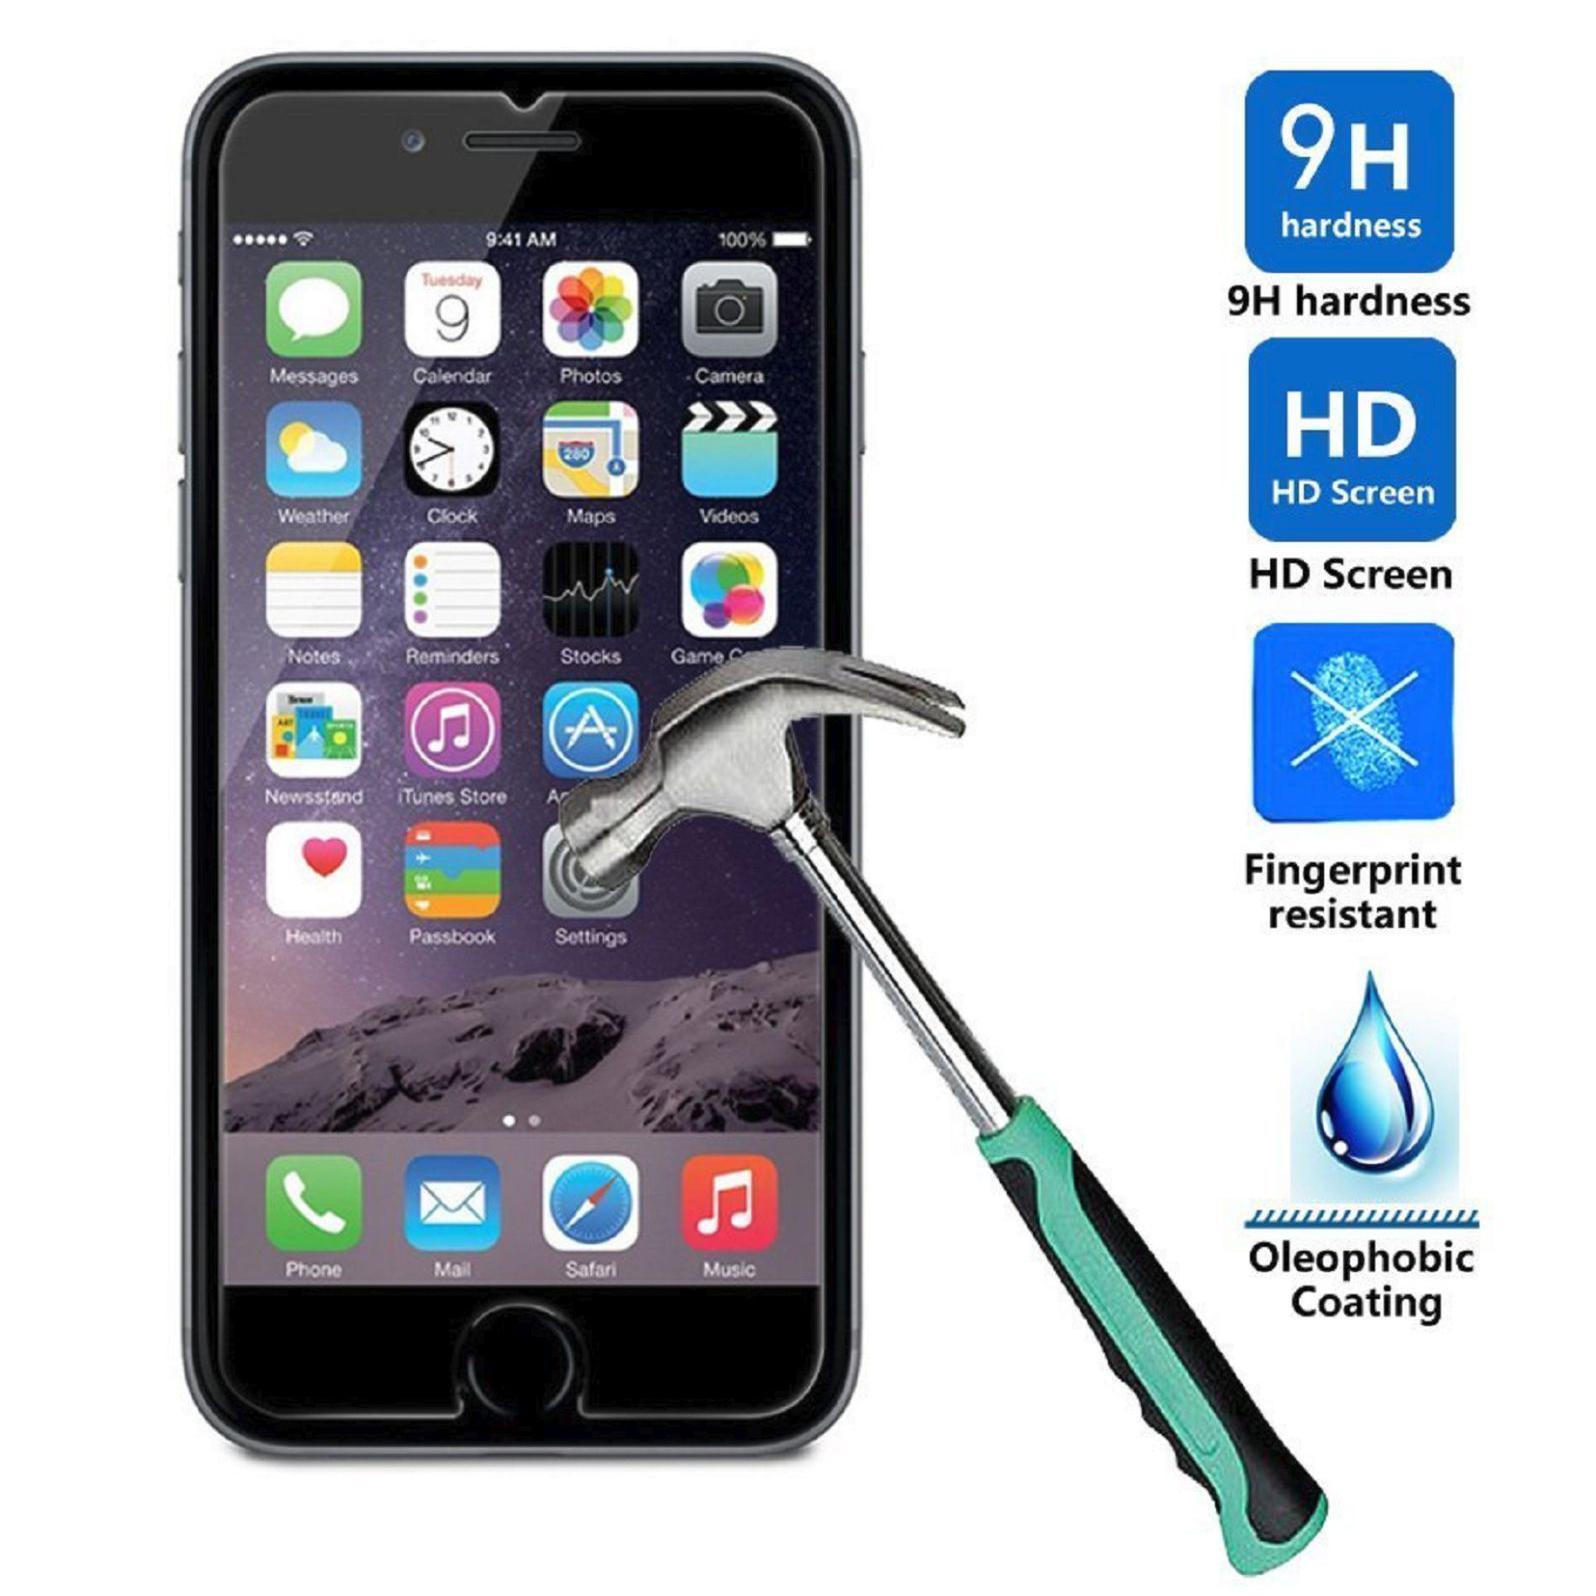 محافظ صفحه نمایش فوکس مدل PT001 مناسب برای گوشی موبایل اپل Iphone 7 Plus/8 Plus main 1 8